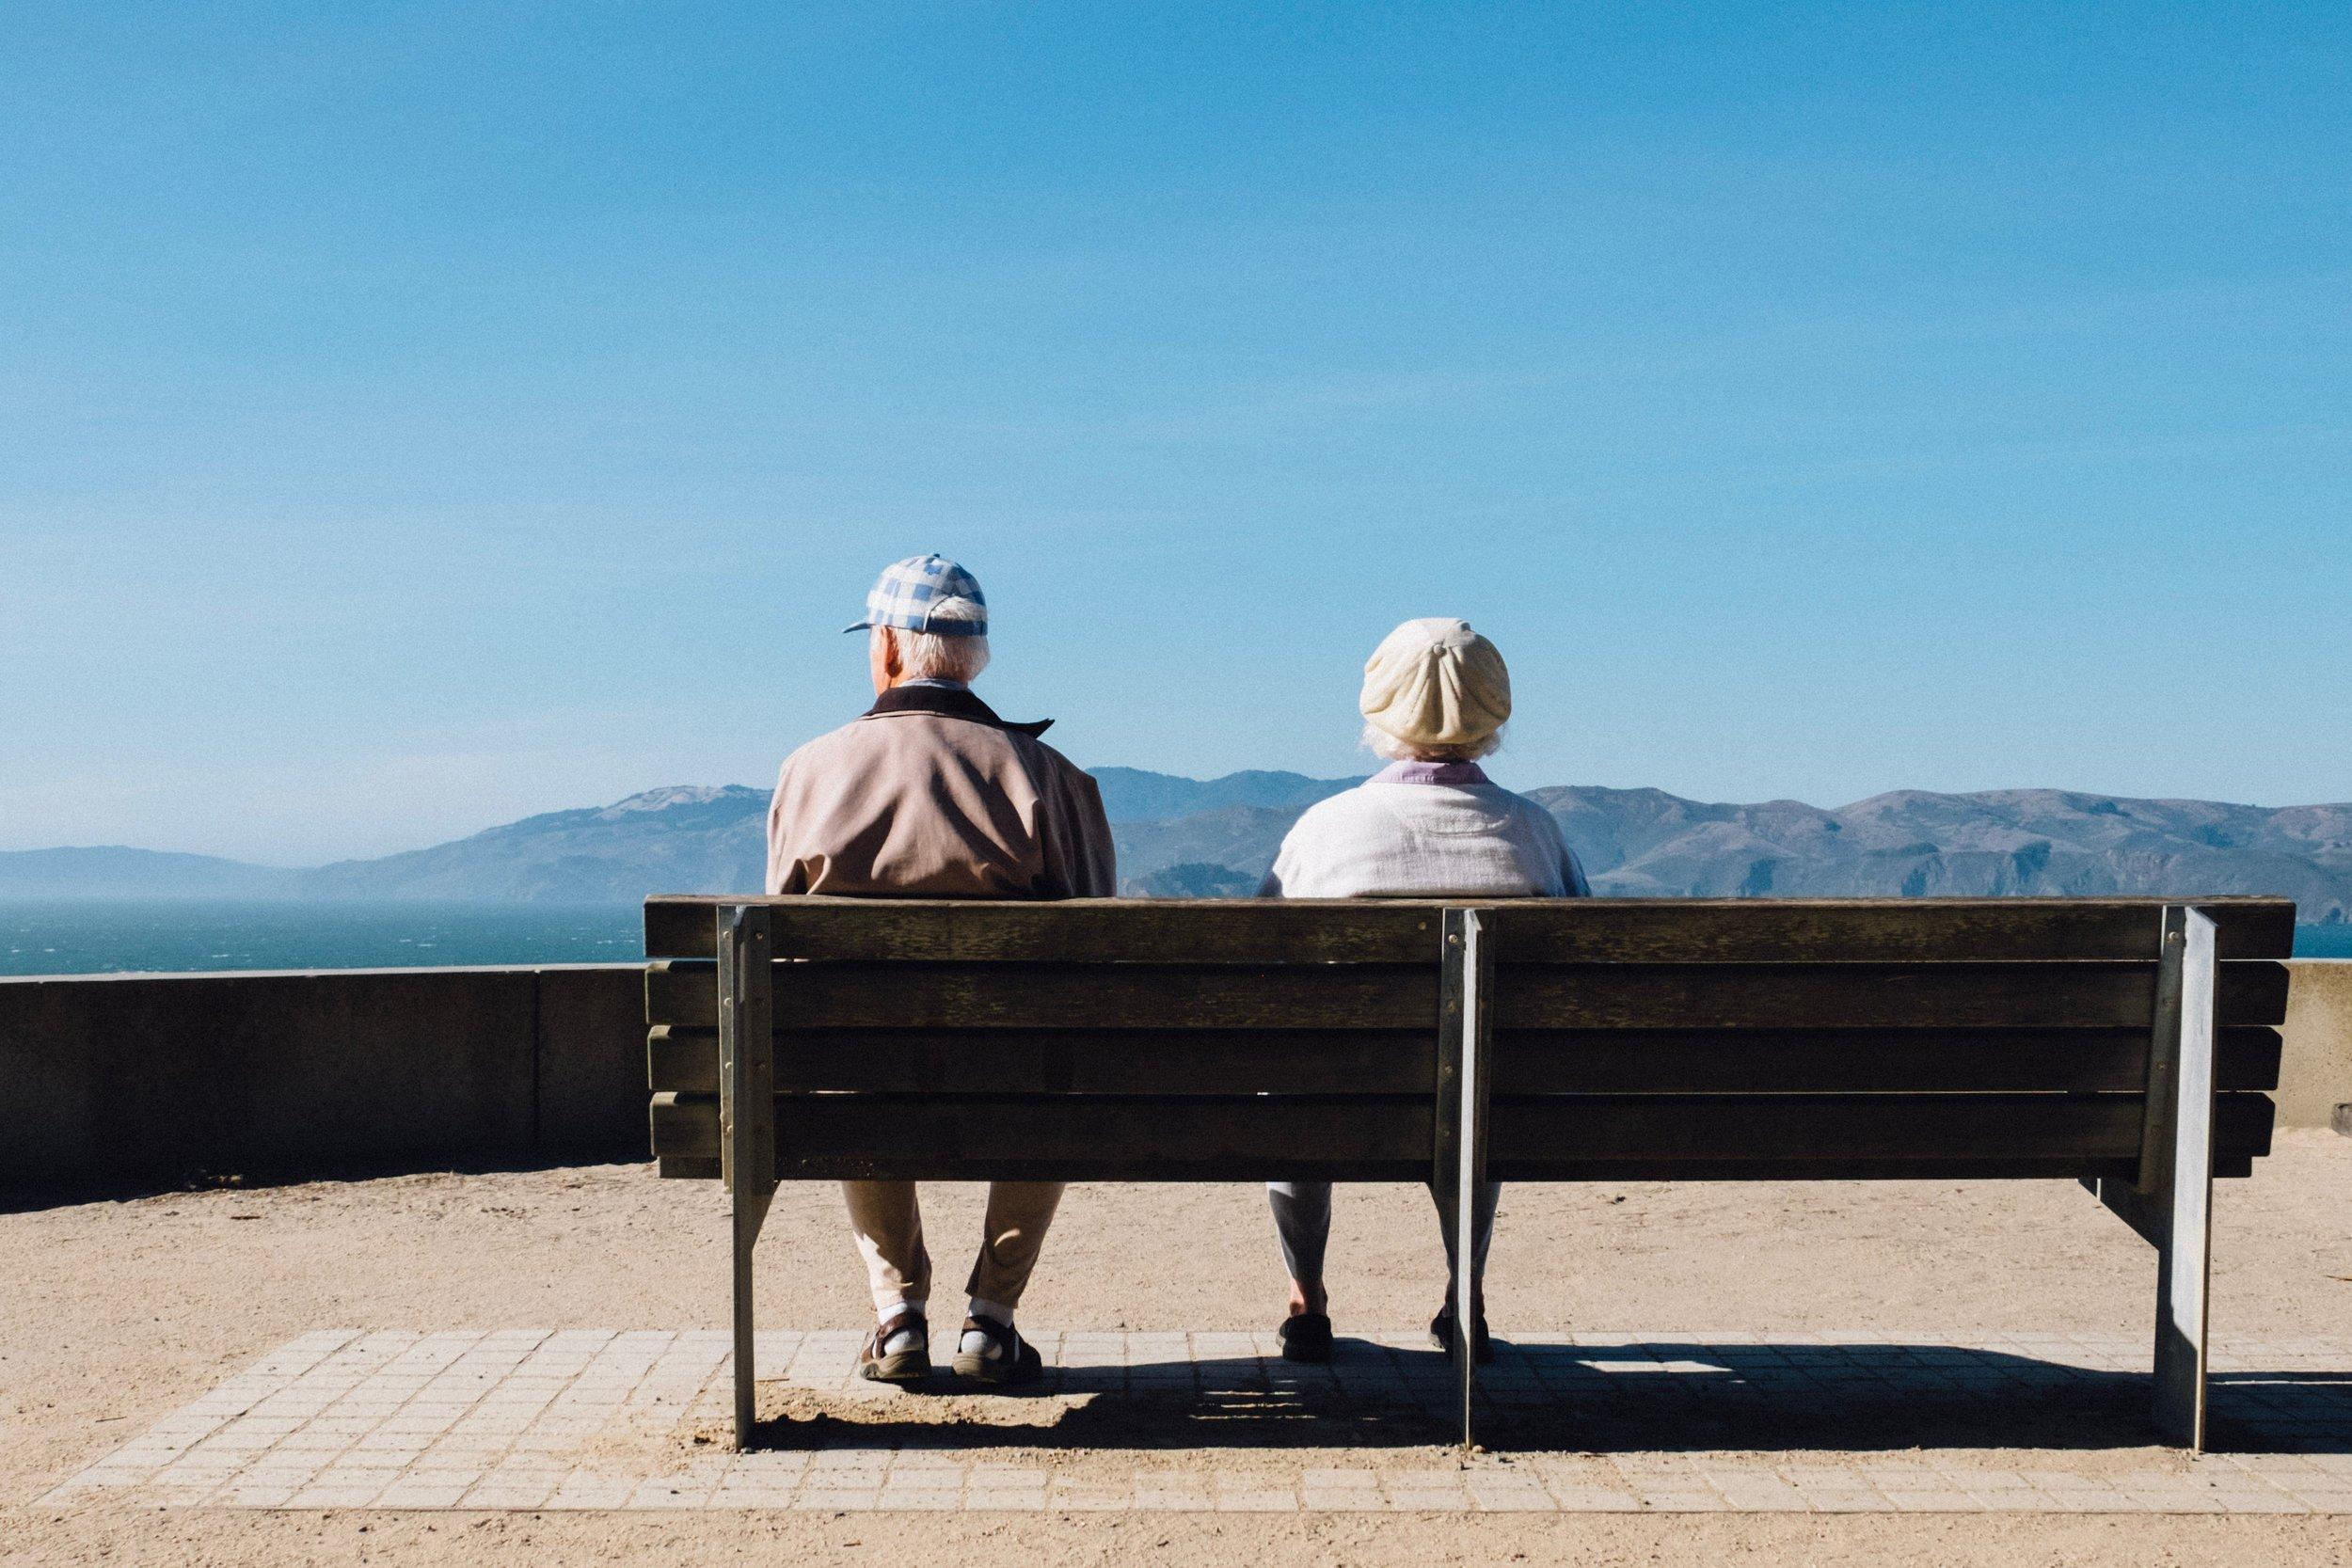 Tu sarai un uomo megliore se porterei quei nonni nel cuore